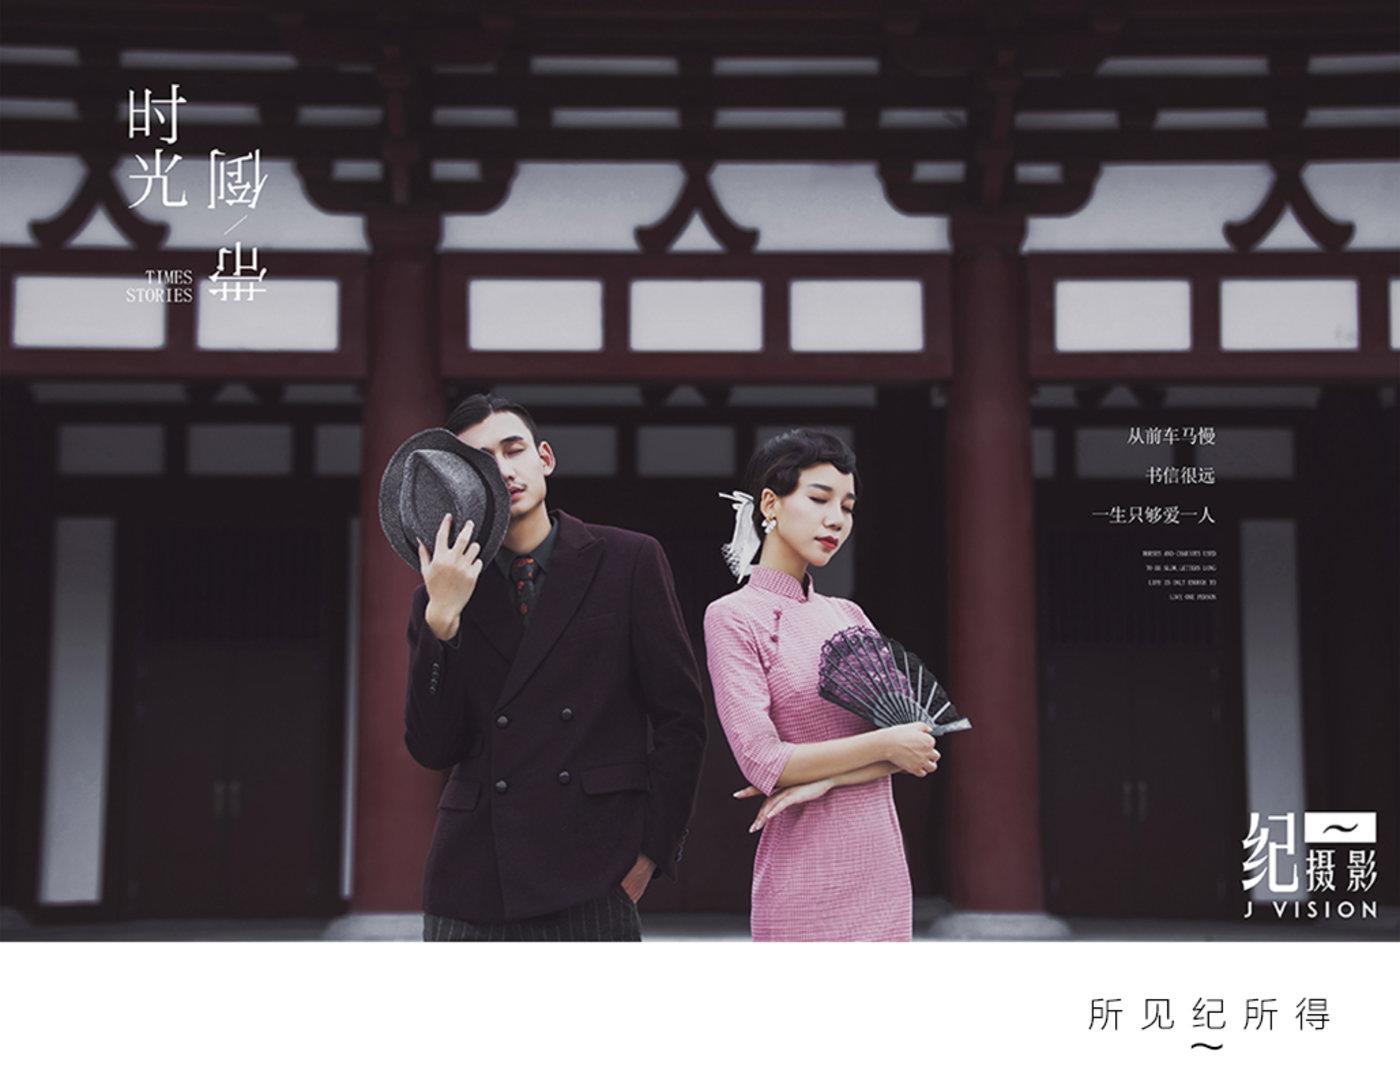 < 文艺丨 倾城之恋 >9